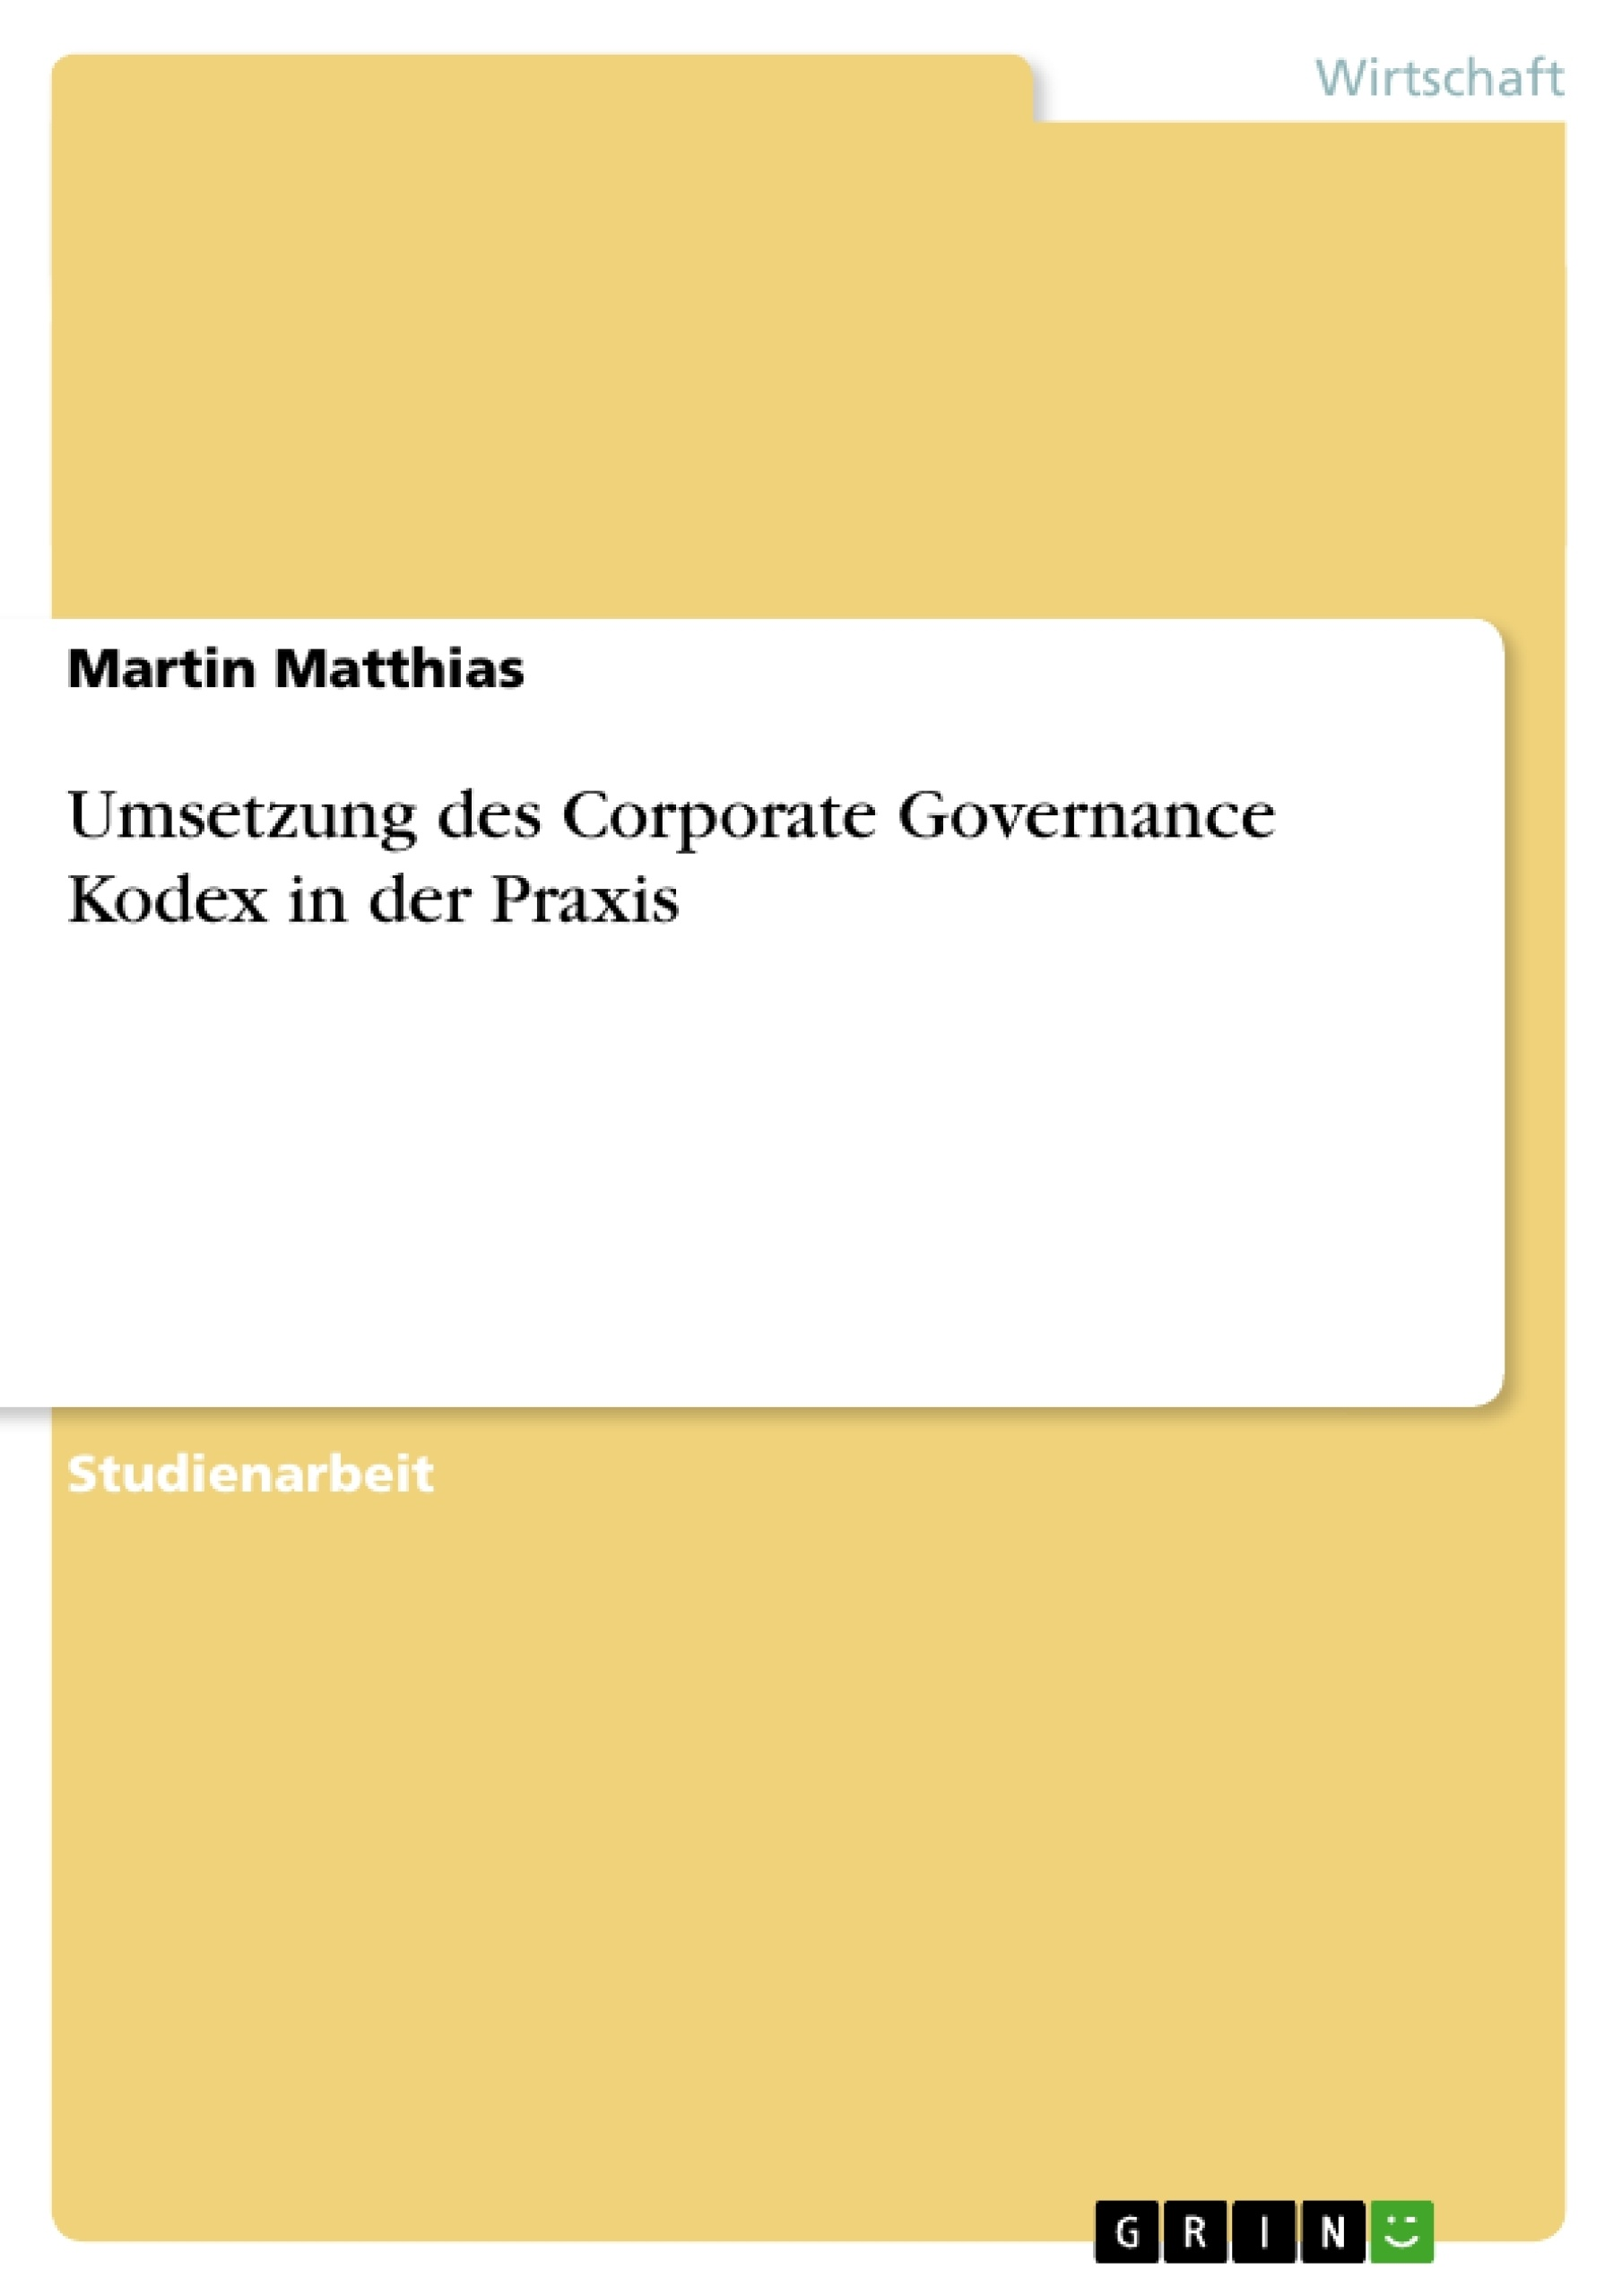 Titel: Umsetzung des Corporate Governance Kodex in der Praxis